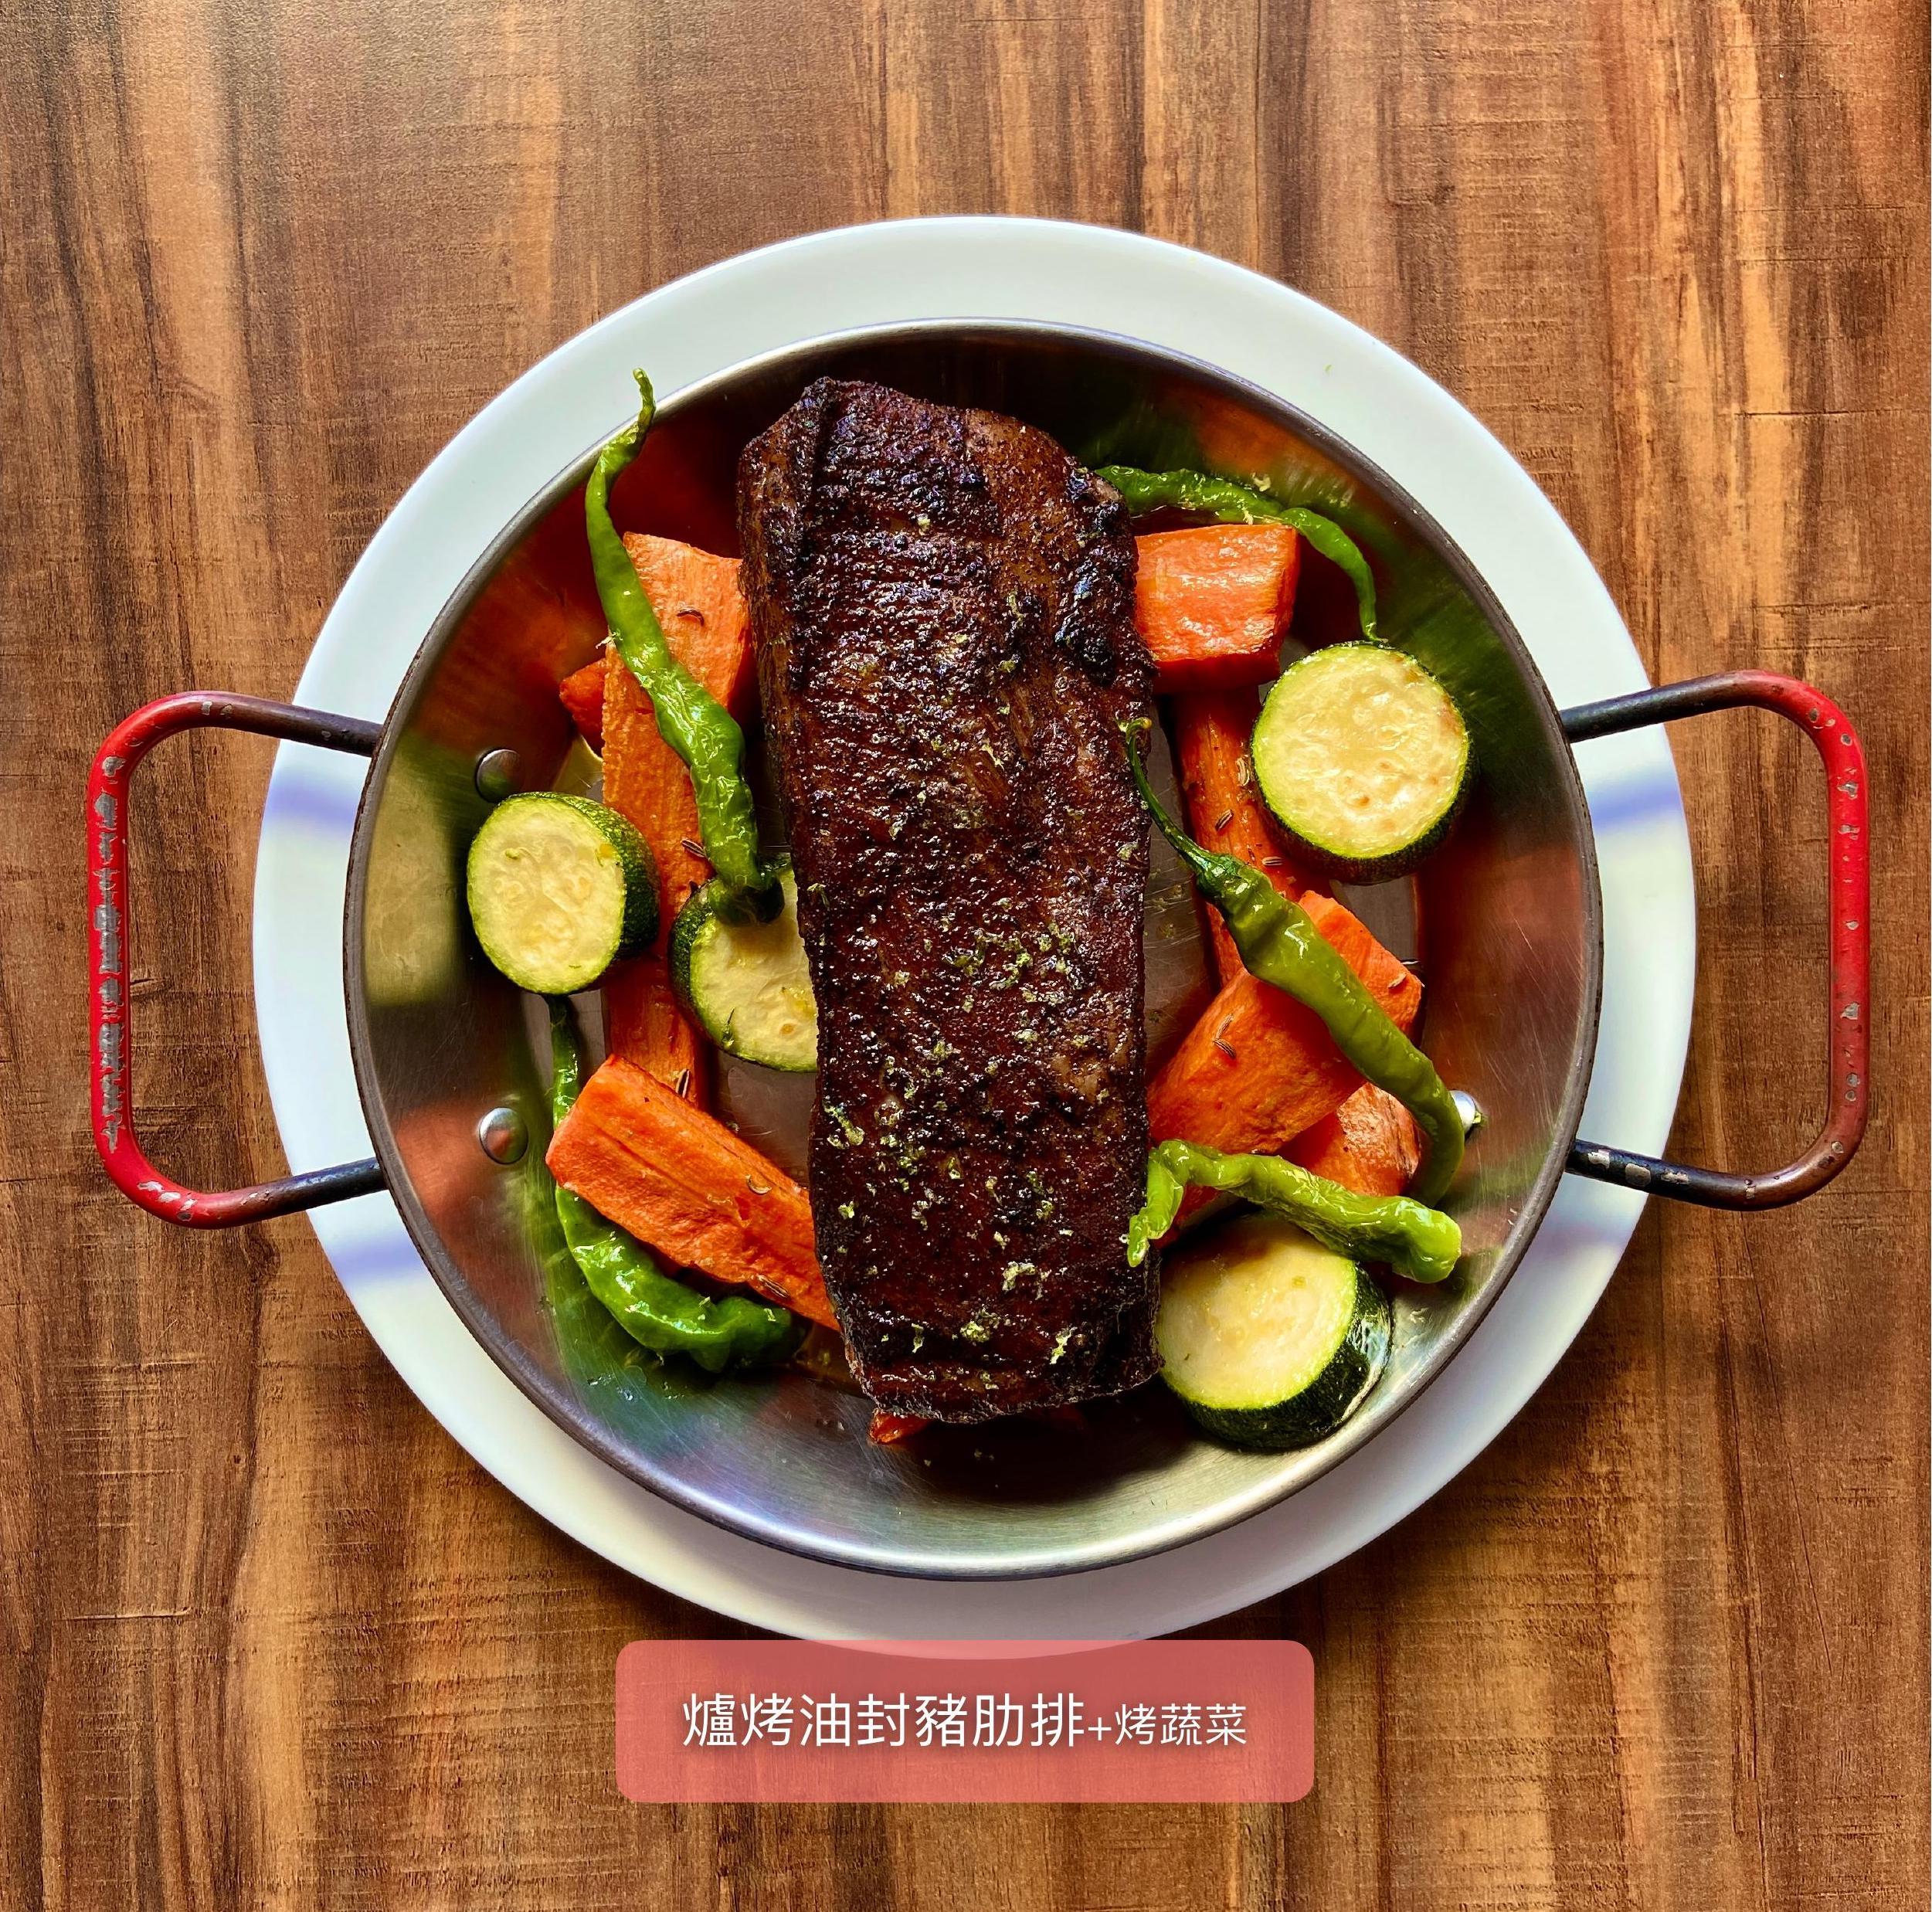 爐烤油封豬肋排與烤蔬菜